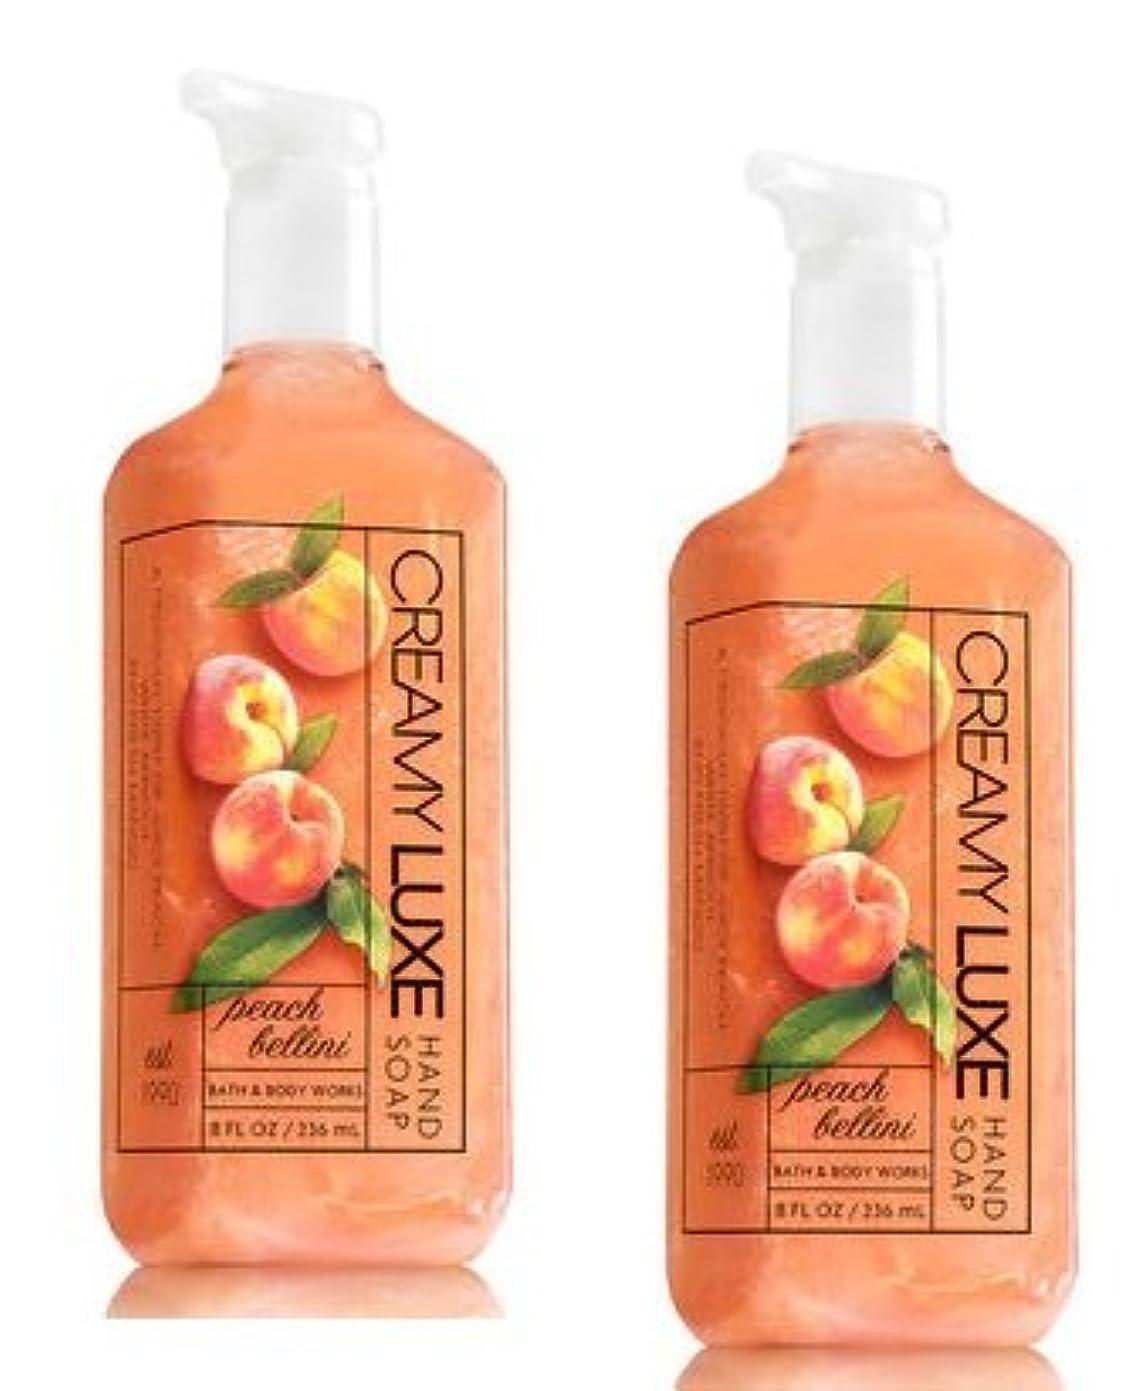 Bath & Body Works ピーチベリーニ クリーミー リュクス ハンドソープ 2本セット PEACH BELLINI Creamy Luxe Hand Soap. 8 oz 236ml [並行輸入品]